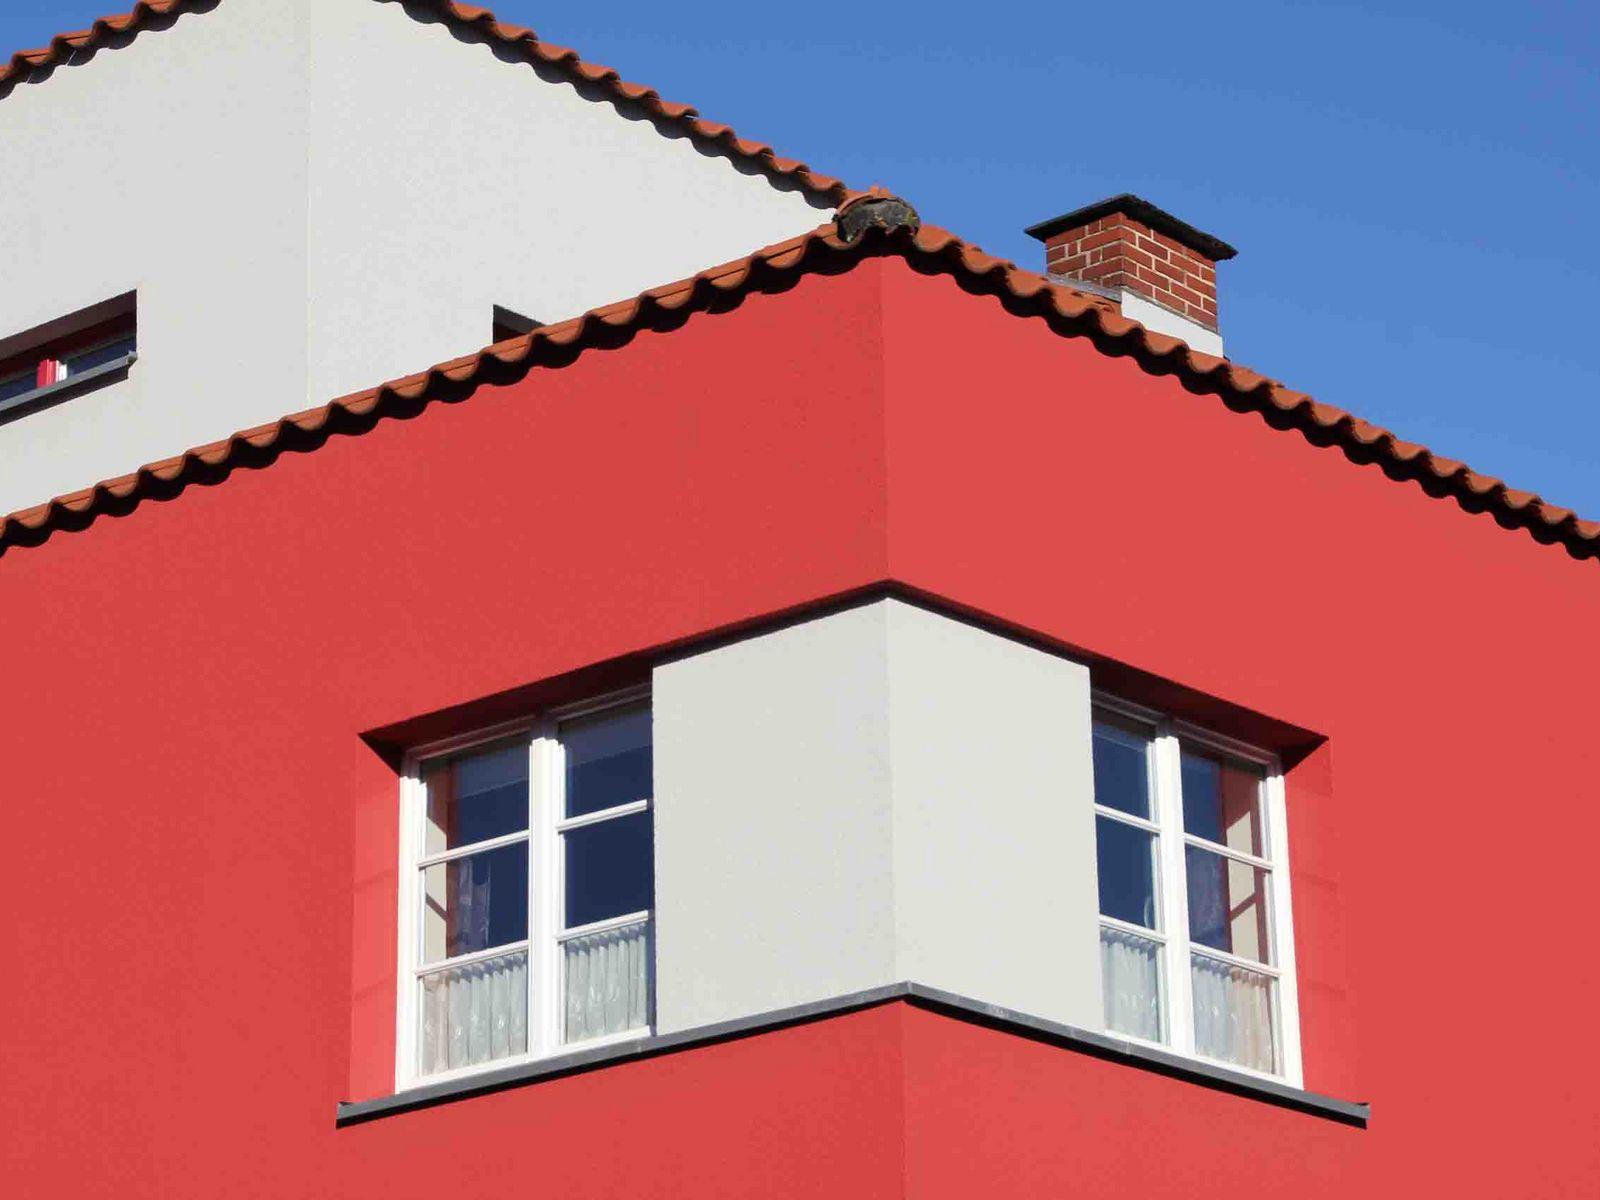 Full Size of Liegestuhl Design Klapp Garten Auflage Holz Relax Siedlung Italienischer Architektur Celle Fenster Wohnzimmer Bauhaus Liegestuhl